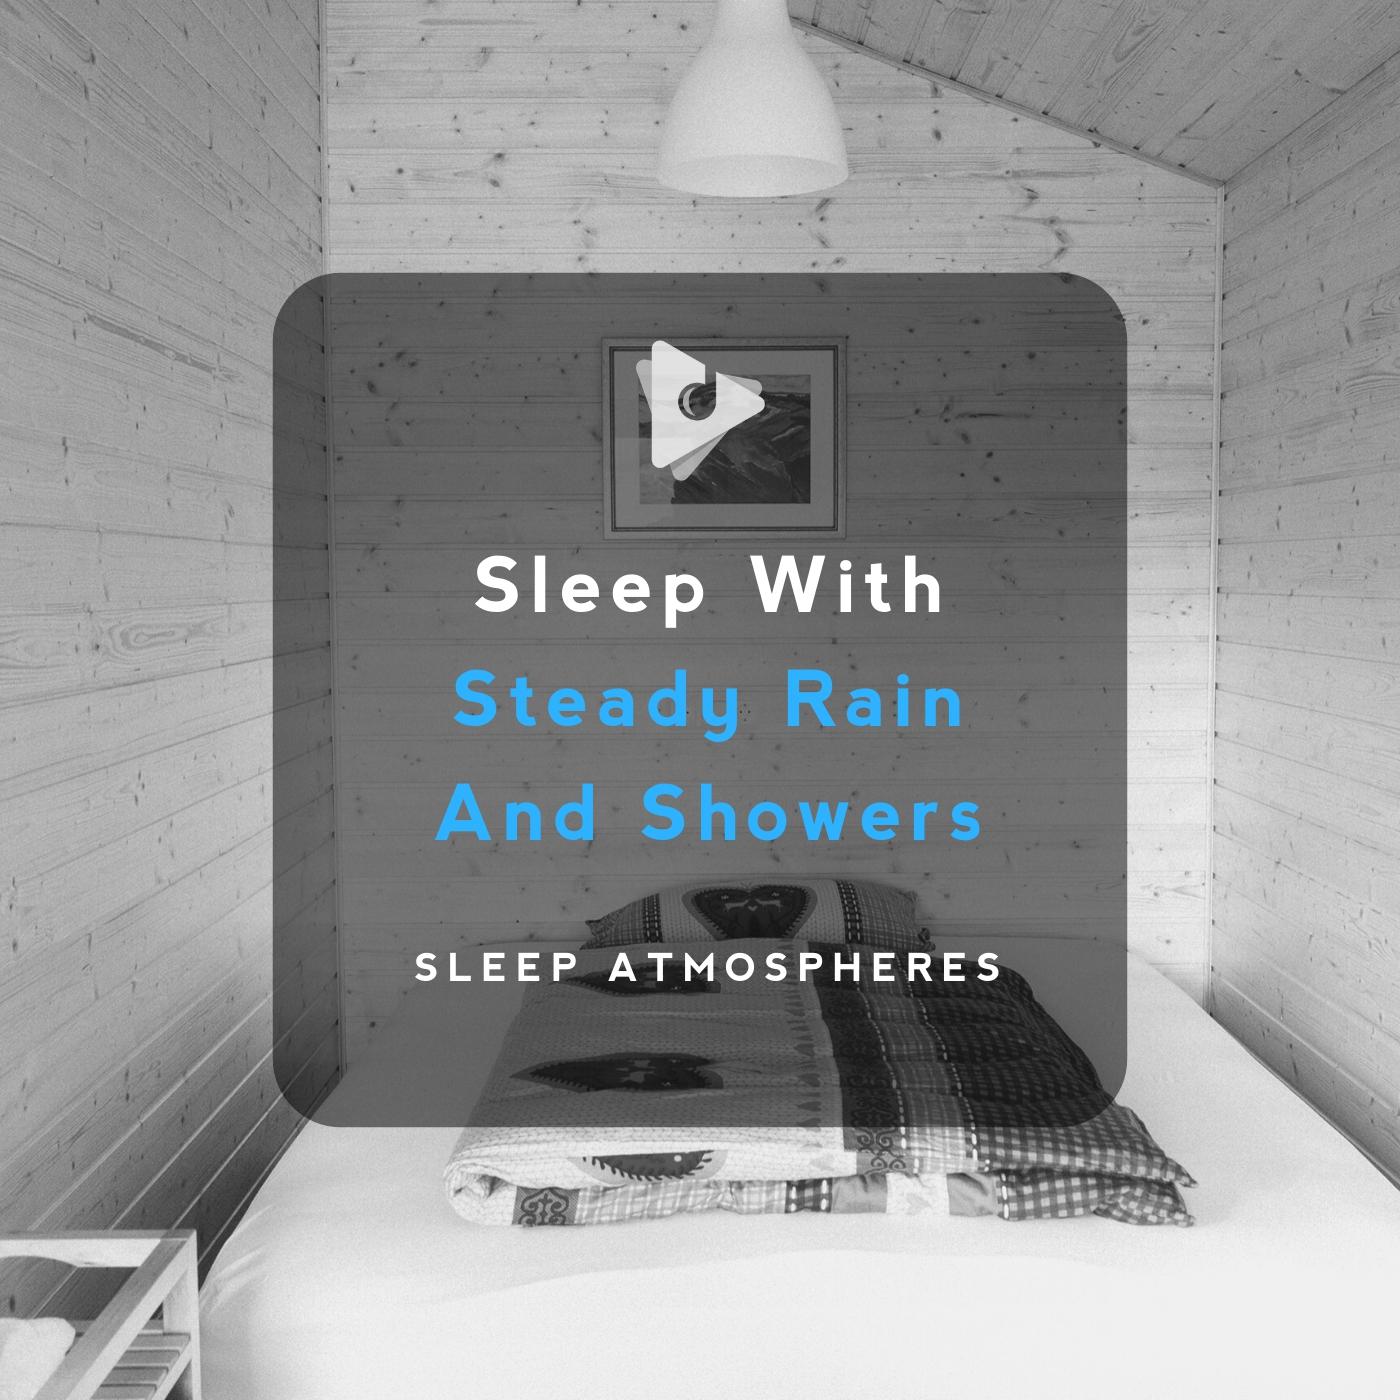 Sleep With Steady Rain And Showers